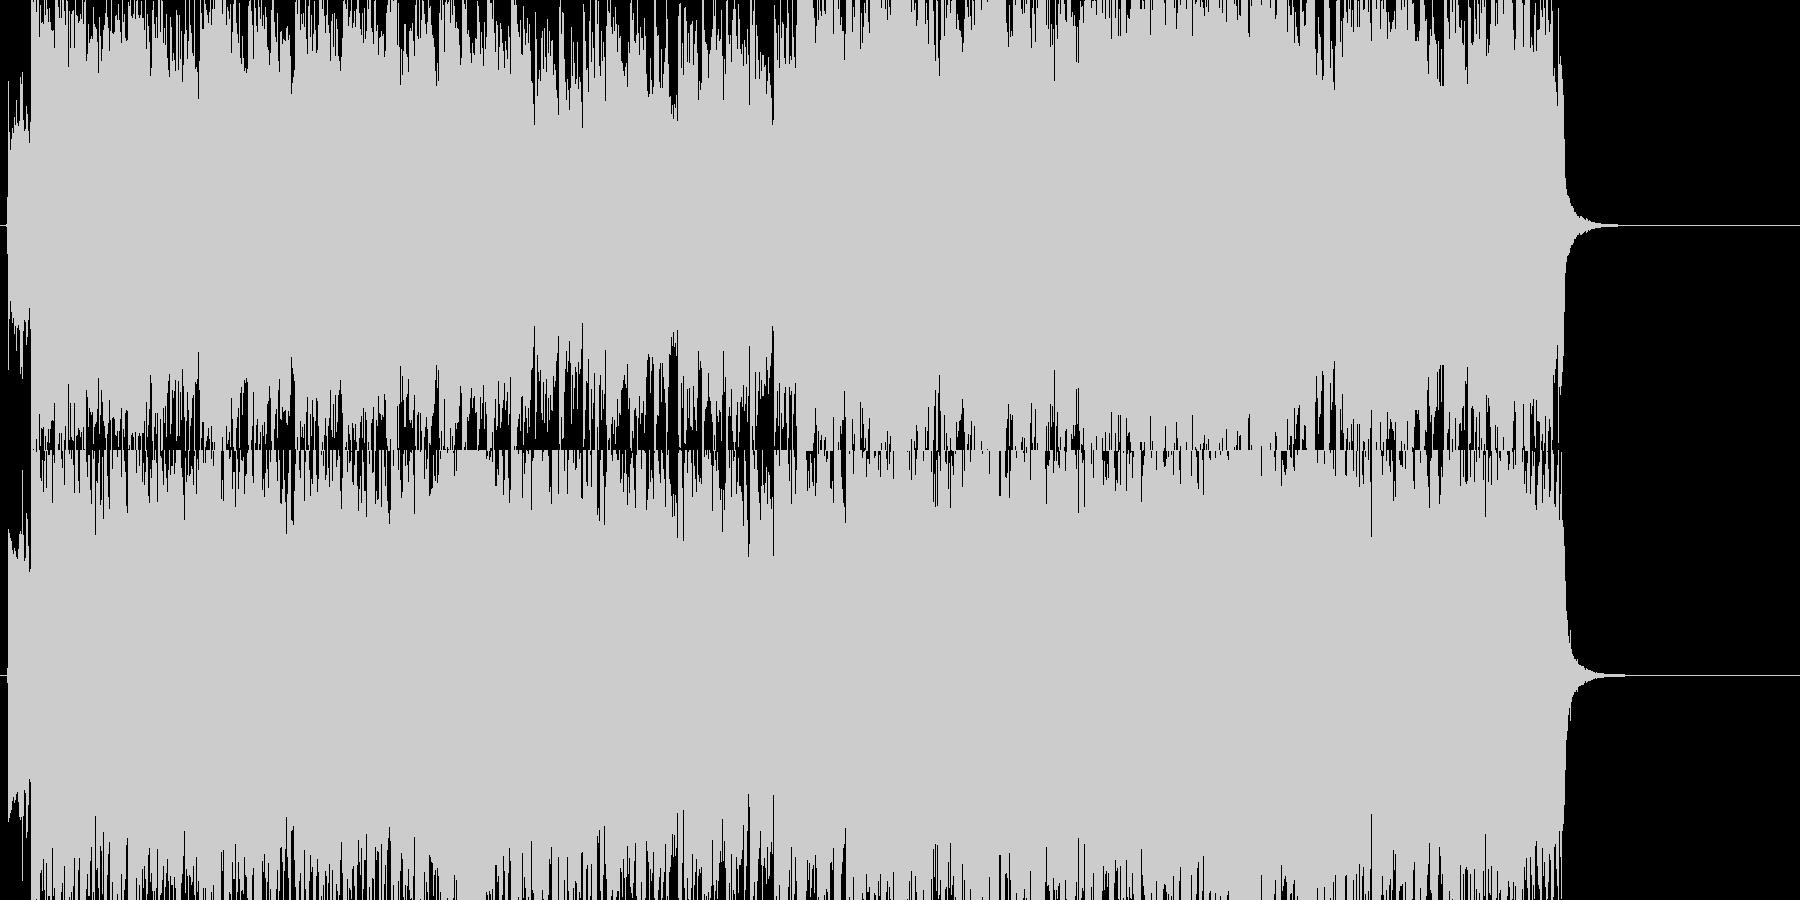 【生演奏】春畑道哉的ギターインストの未再生の波形